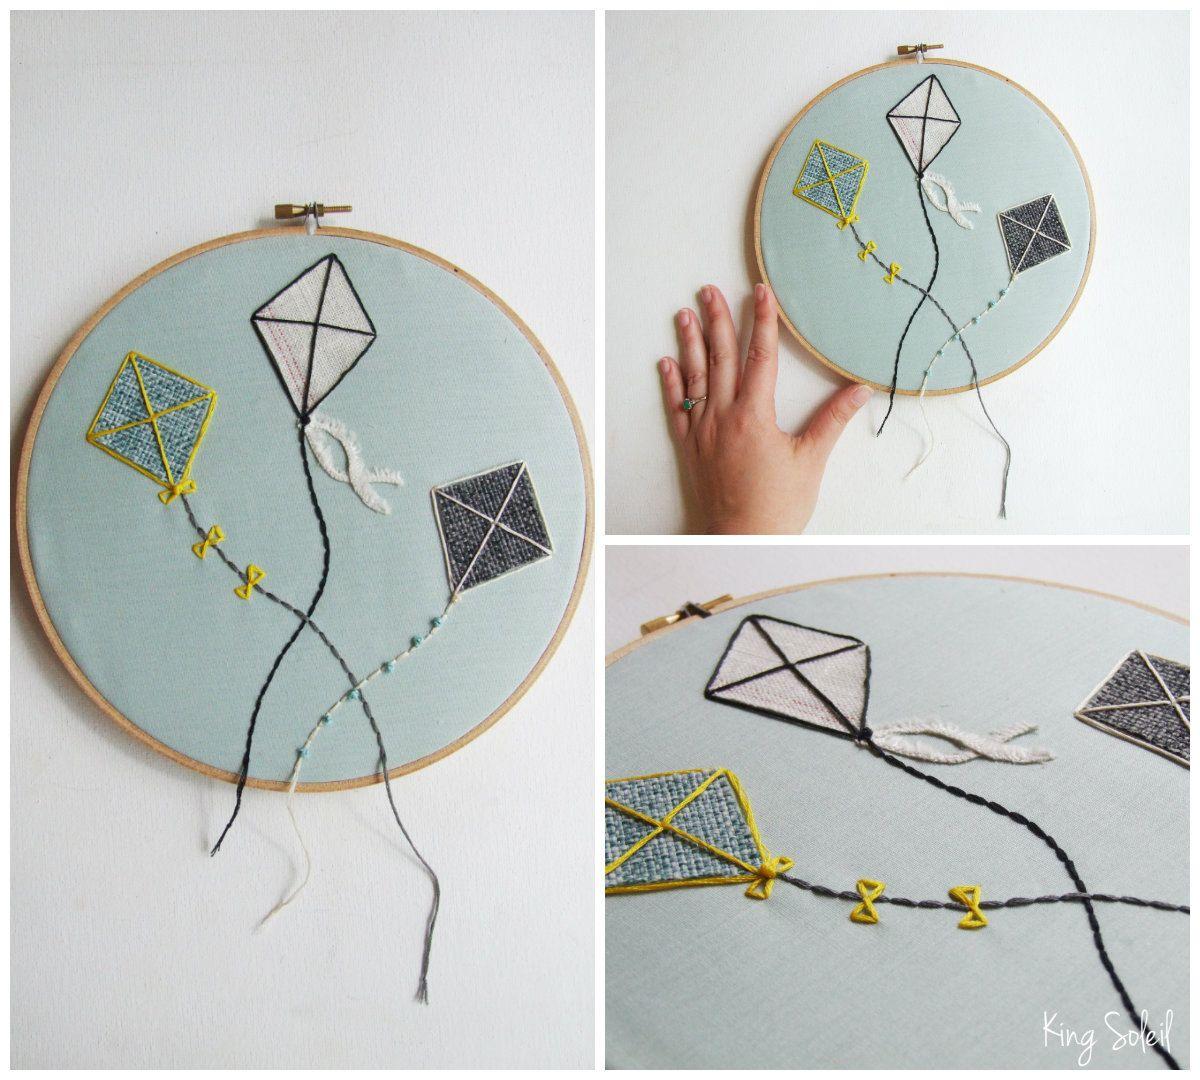 Pin de Andrea Gonzalez en Bordados   Pinterest   Bonito, Bordado y Deco